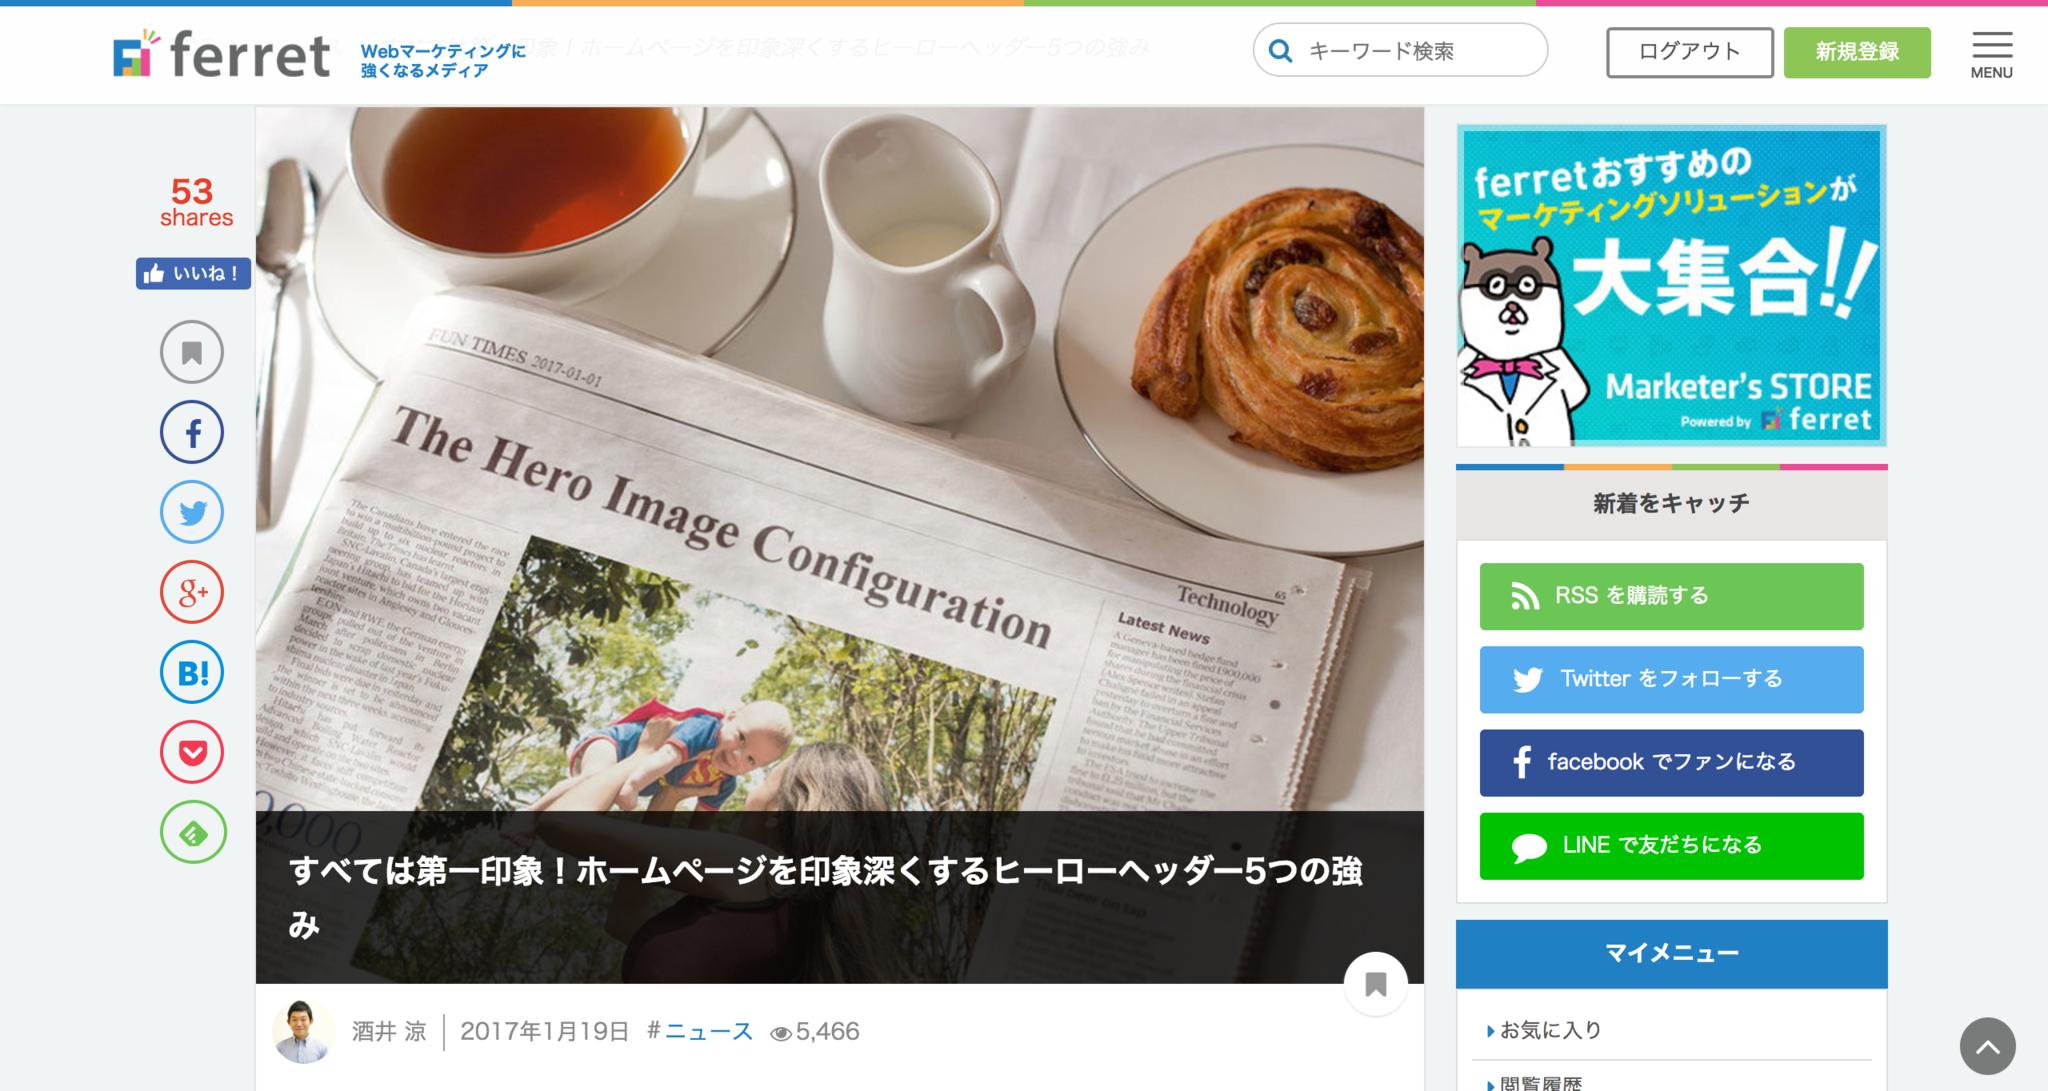 すべては第一印象!ホームページを印象深くするヒーローヘッダー5つの強み|ferret__フェレット_.png